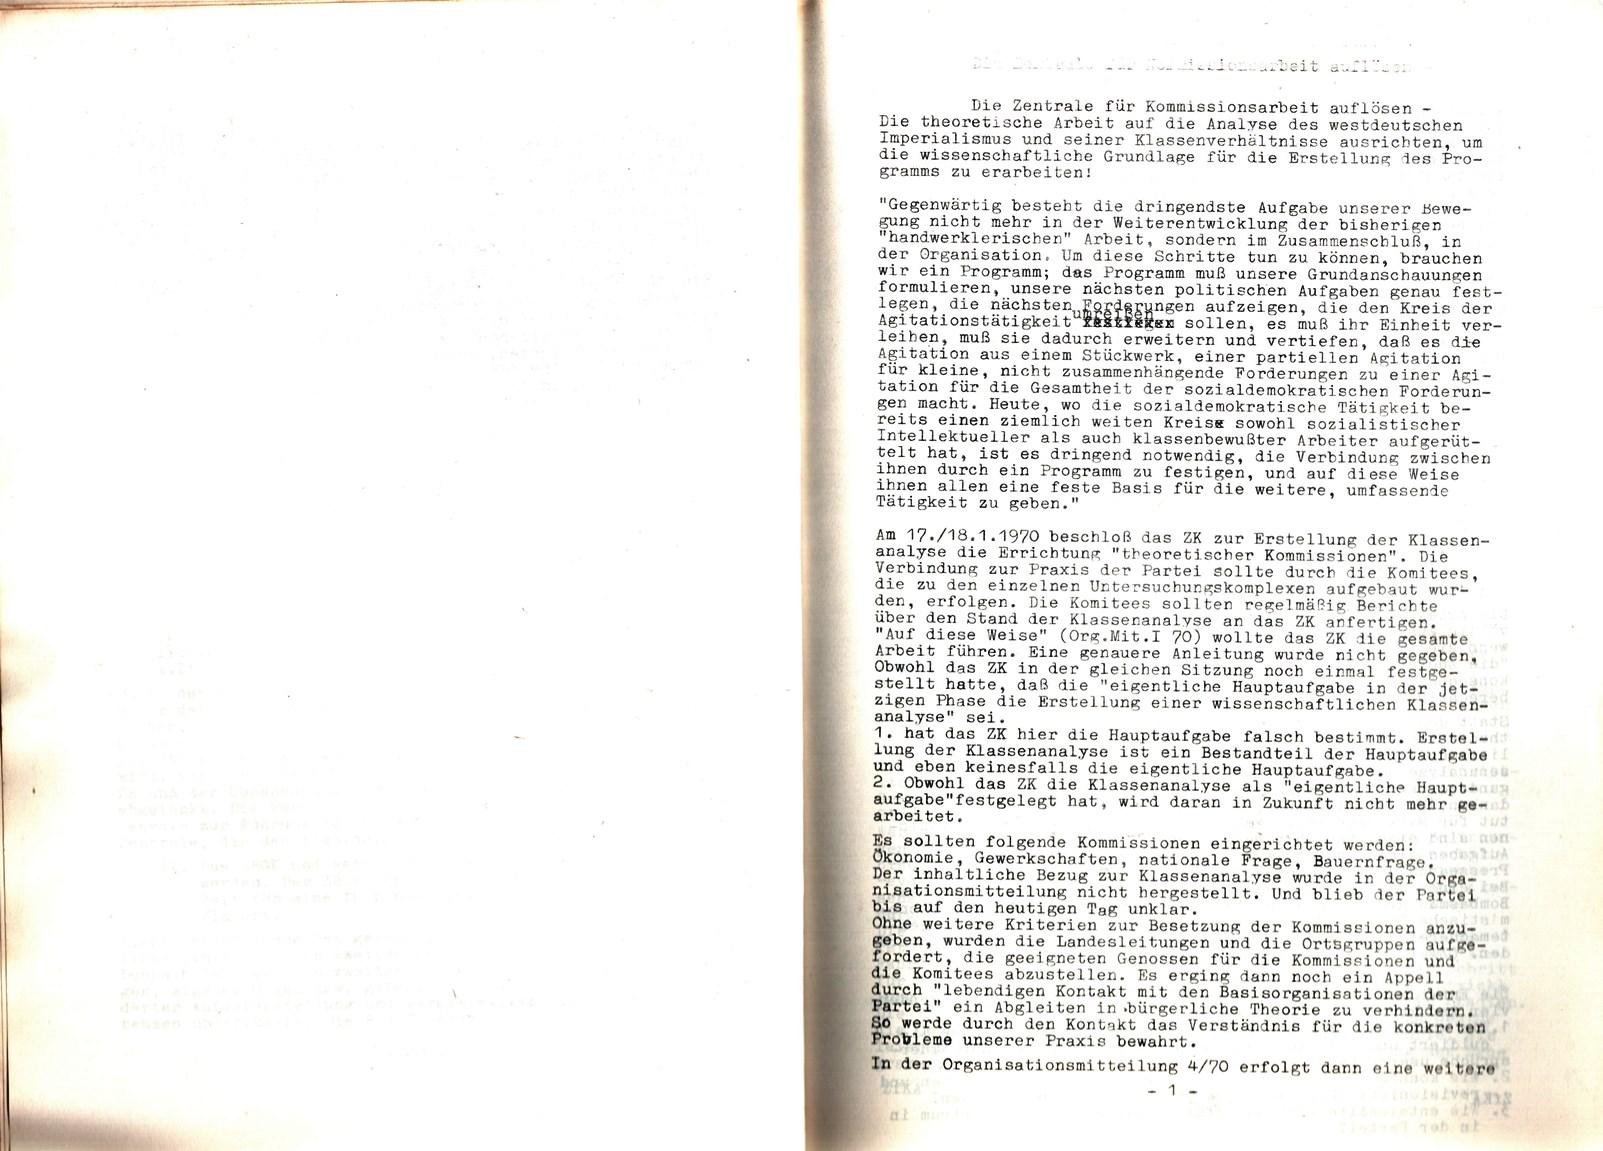 KPDML_1971_Analysen_und_Antraege_des_LV_Sued_West_033